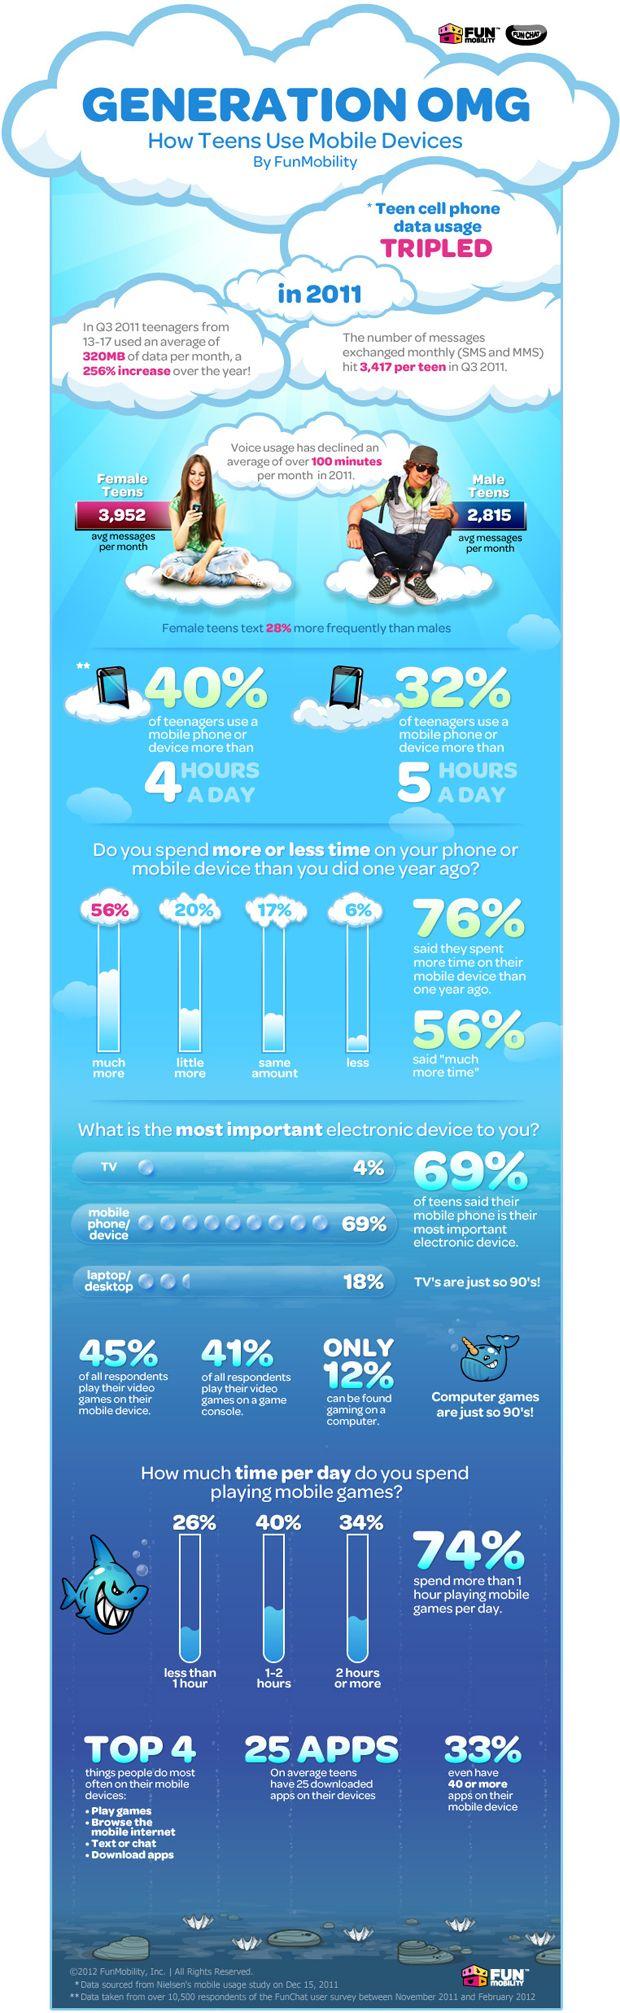 4h par jour. Le temps passé par 40% des ados sur le mobile selon cette infographie Fun Mobility relayée par ZDNet